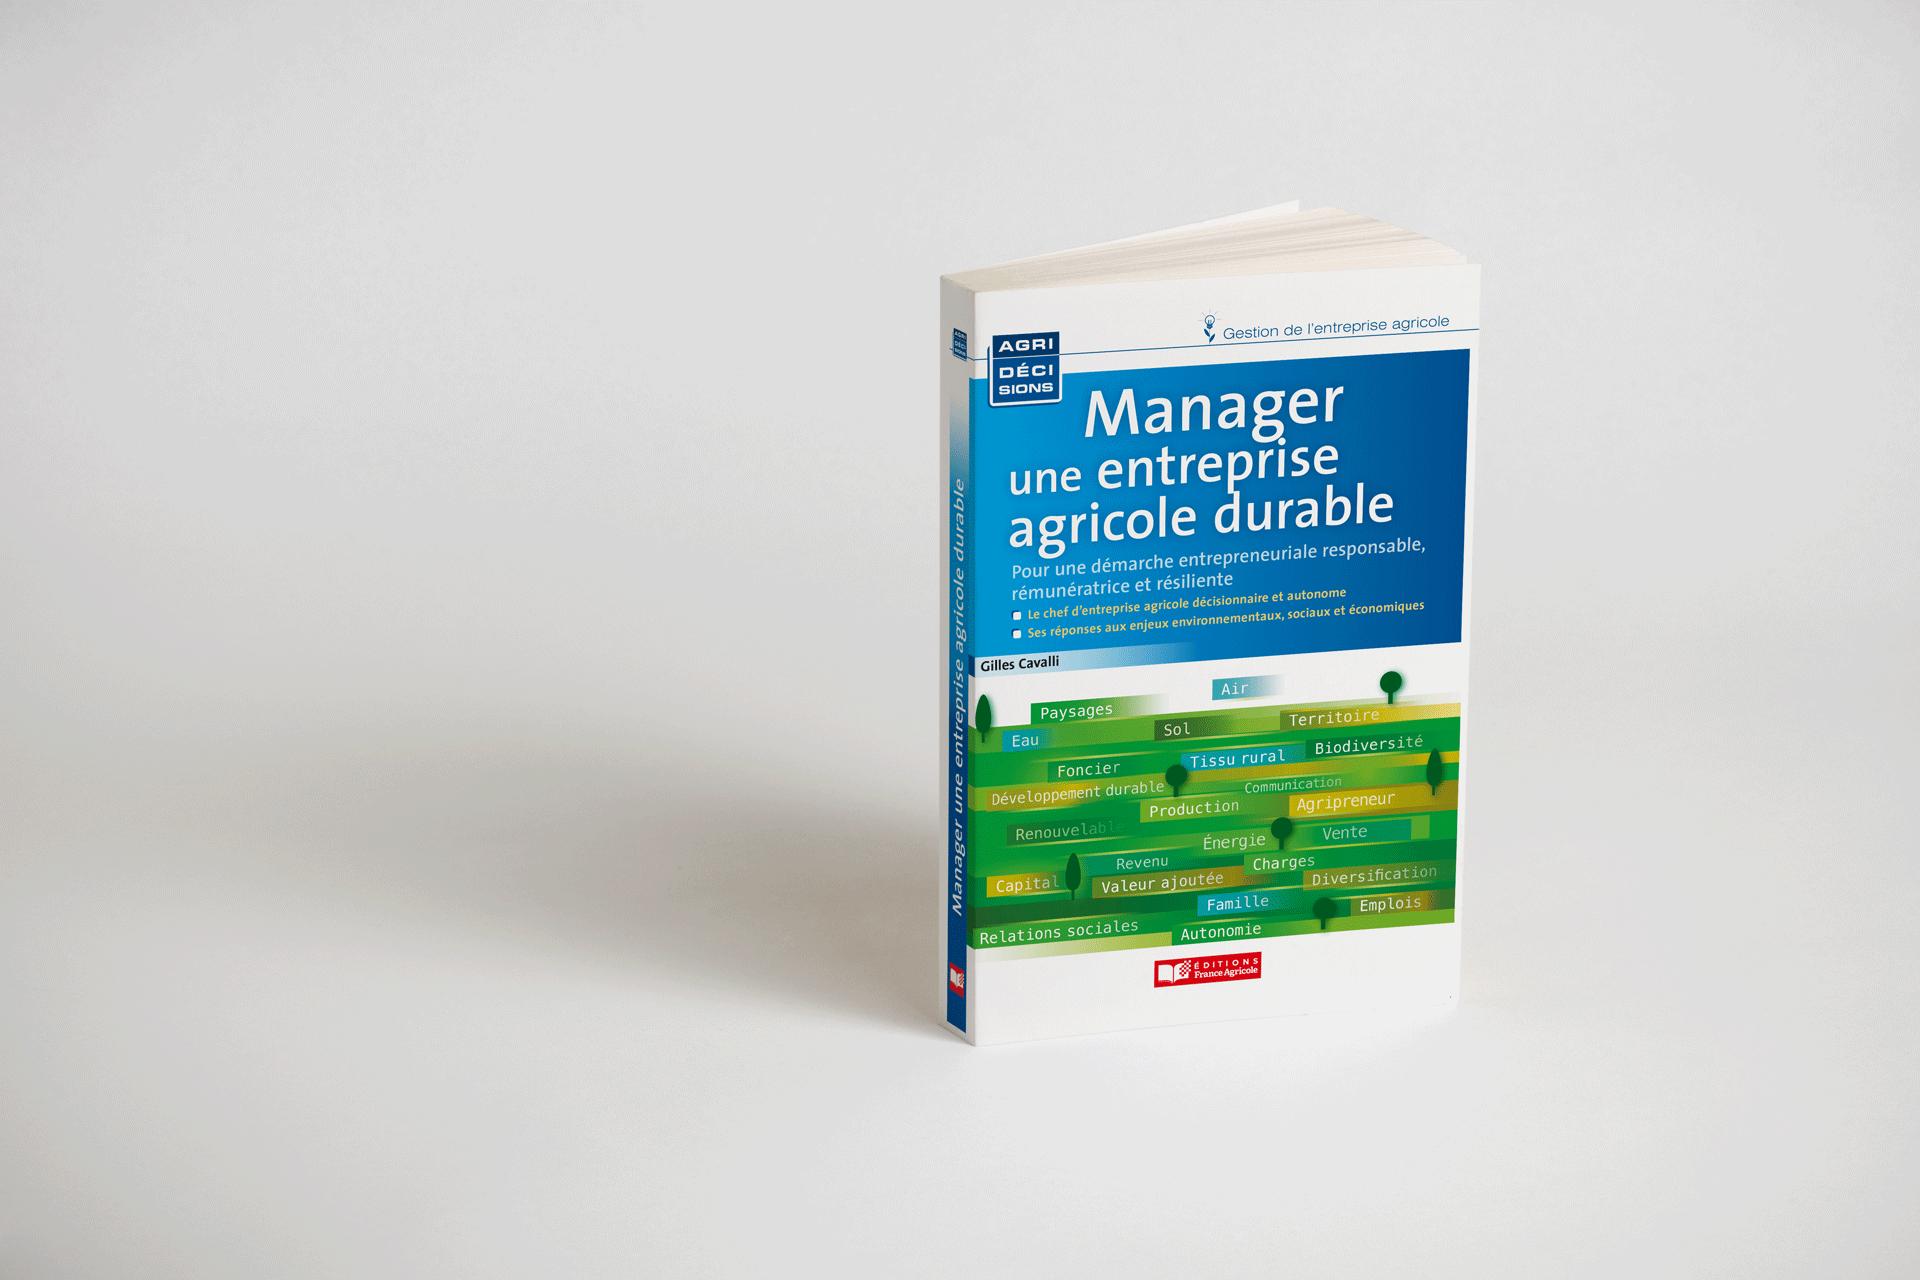 manager-une-entreprise-agricole-durable